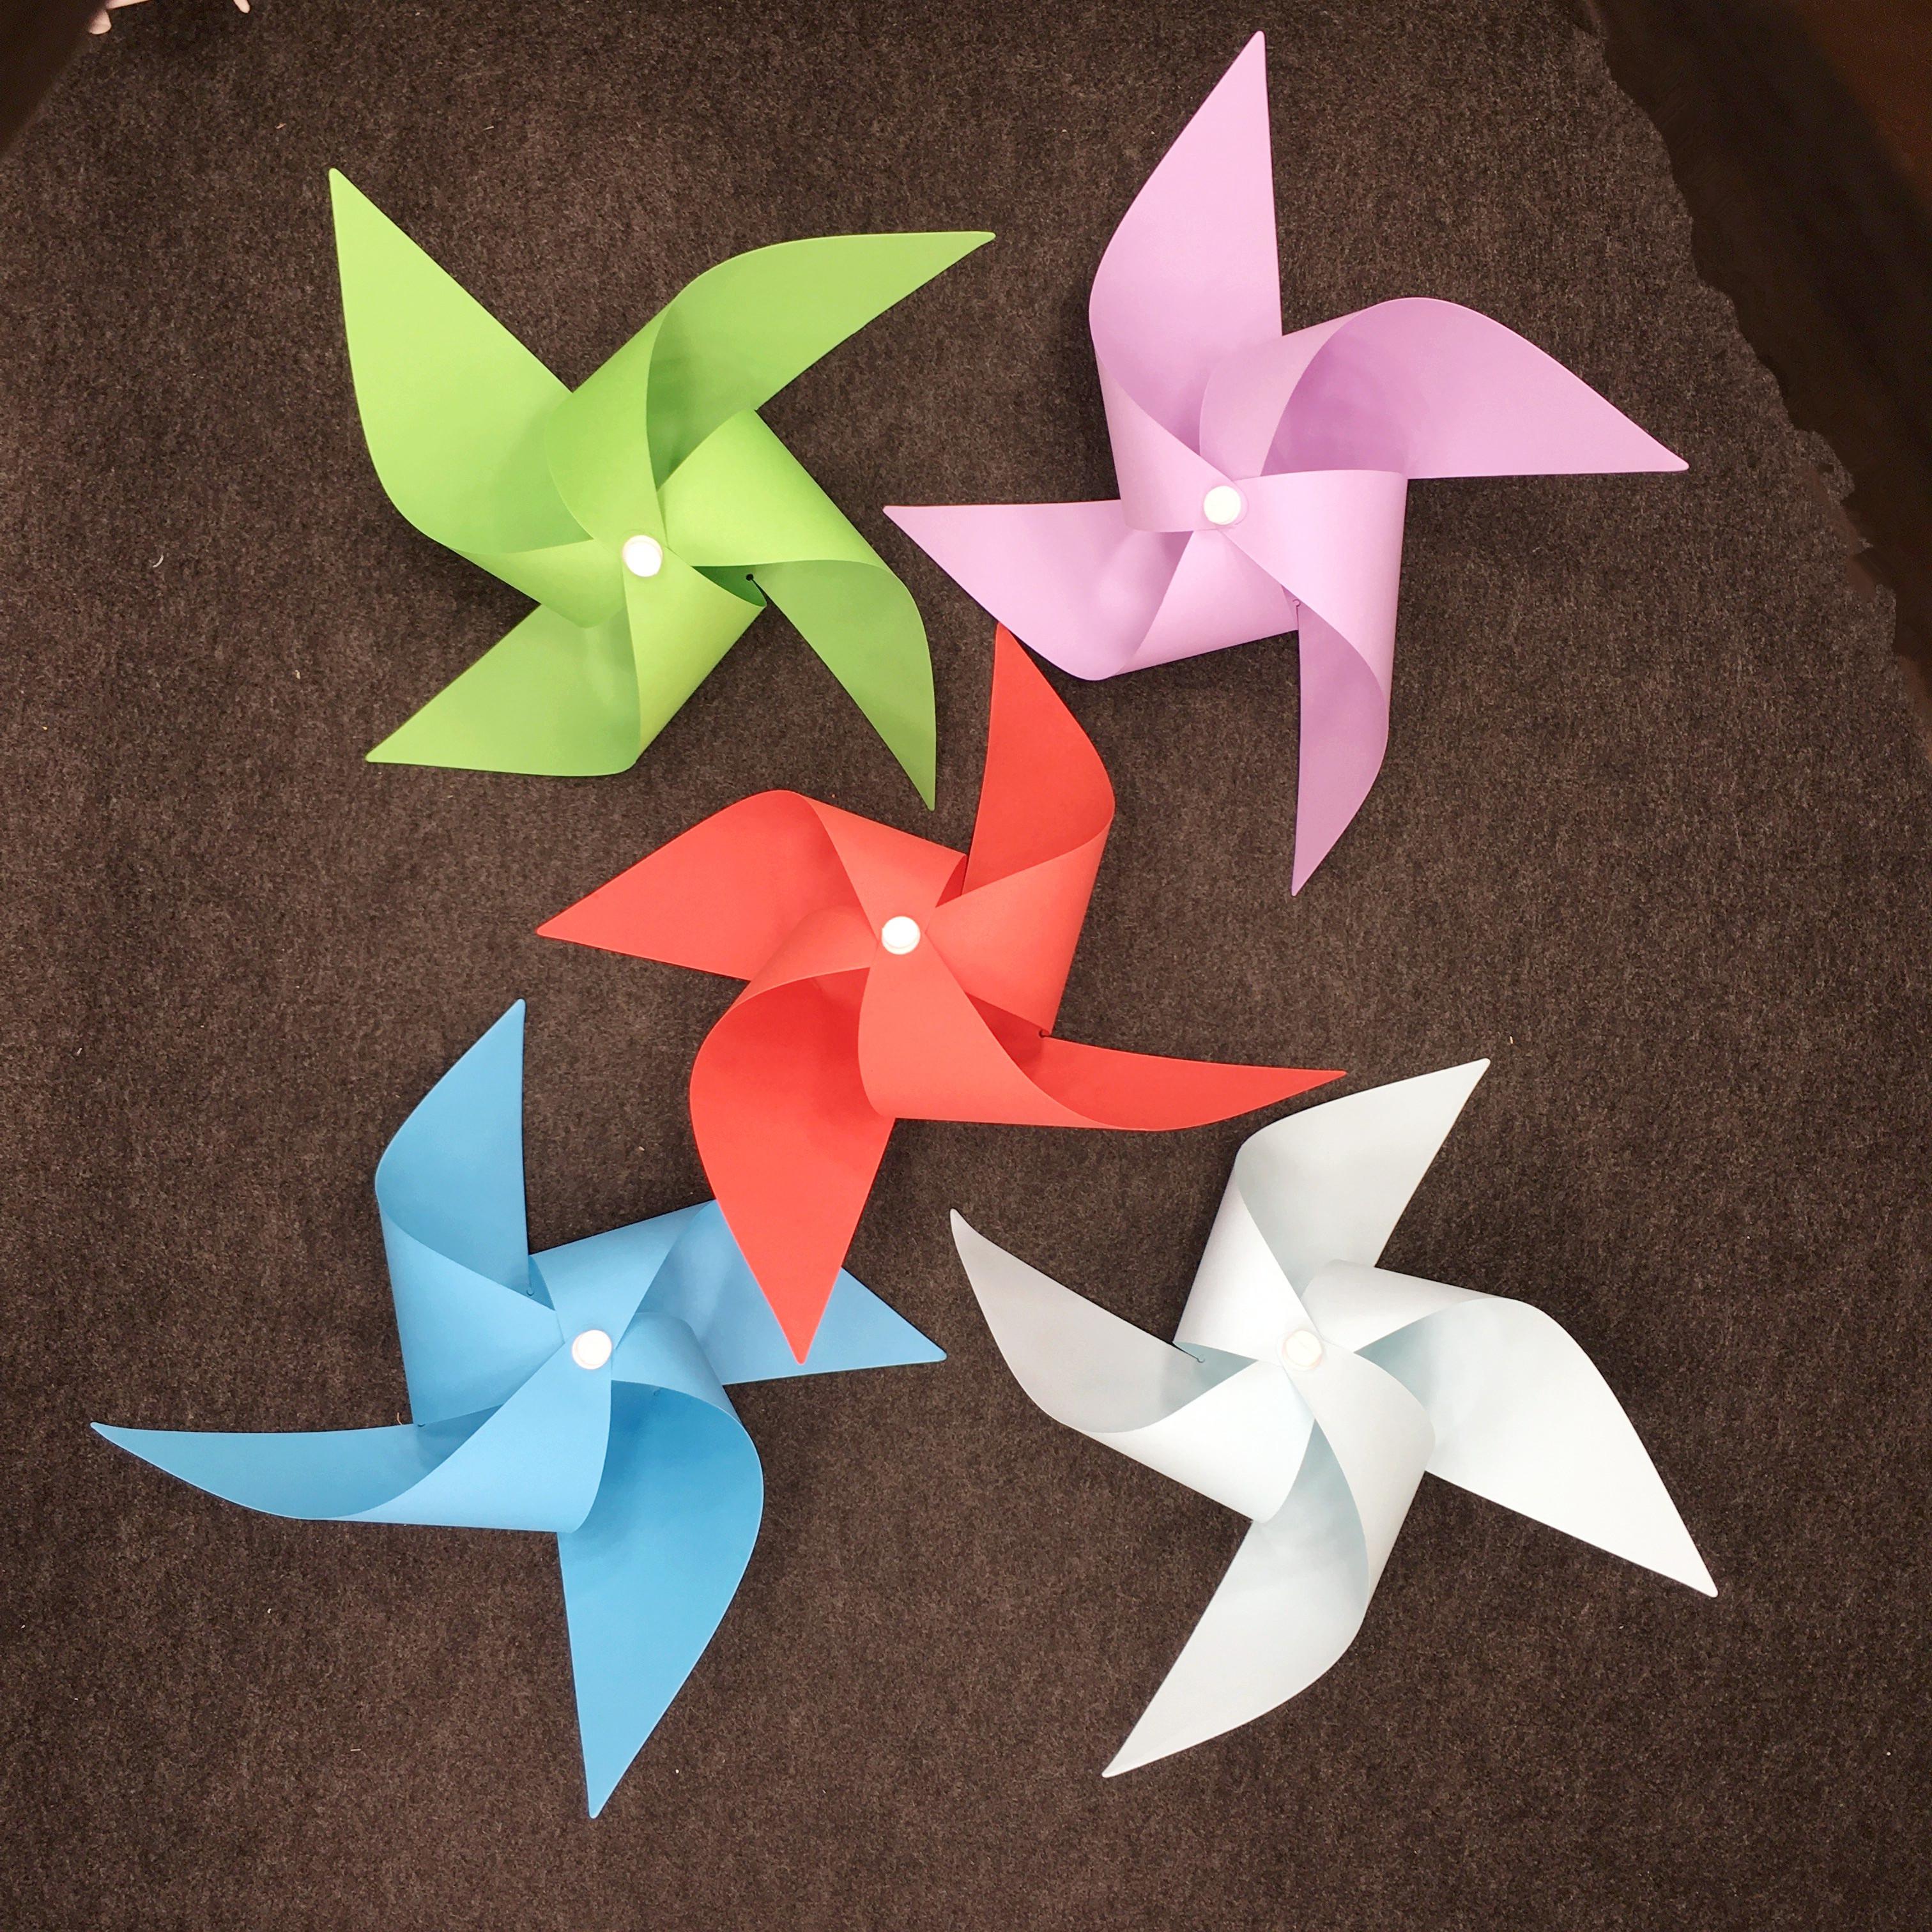 手工紙藝折紙制作材料包兒童學生禮物禮品diy風車圖片